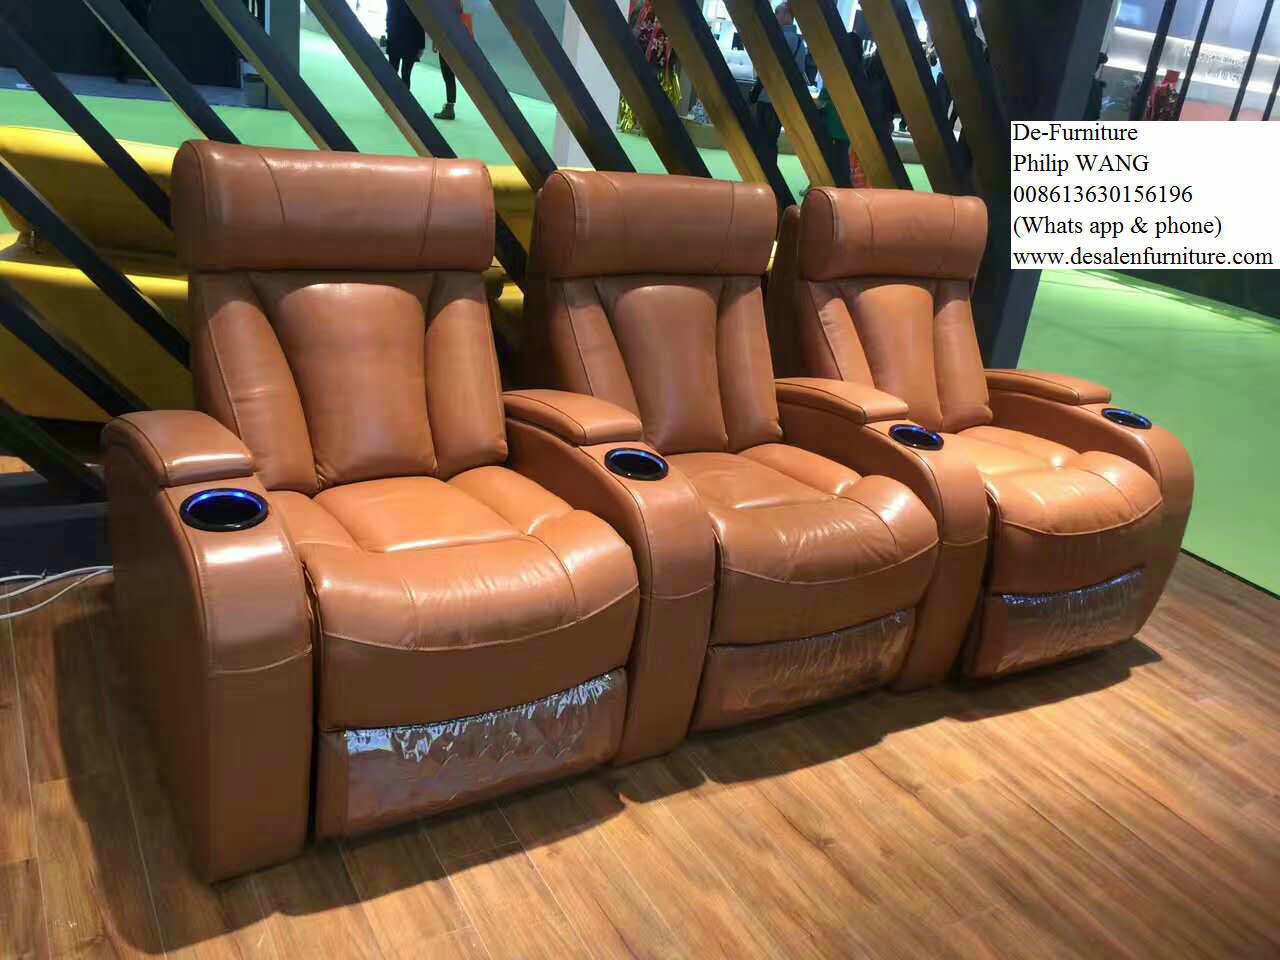 Full Size of Heimkino Sofa China 2 Sitzer überwurf Husse Antik Himolla Mit Verstellbarer Sitztiefe Chesterfield Gebraucht Hersteller Hülsta Big Schlaffunktion Xxl Gelb Sofa Heimkino Sofa